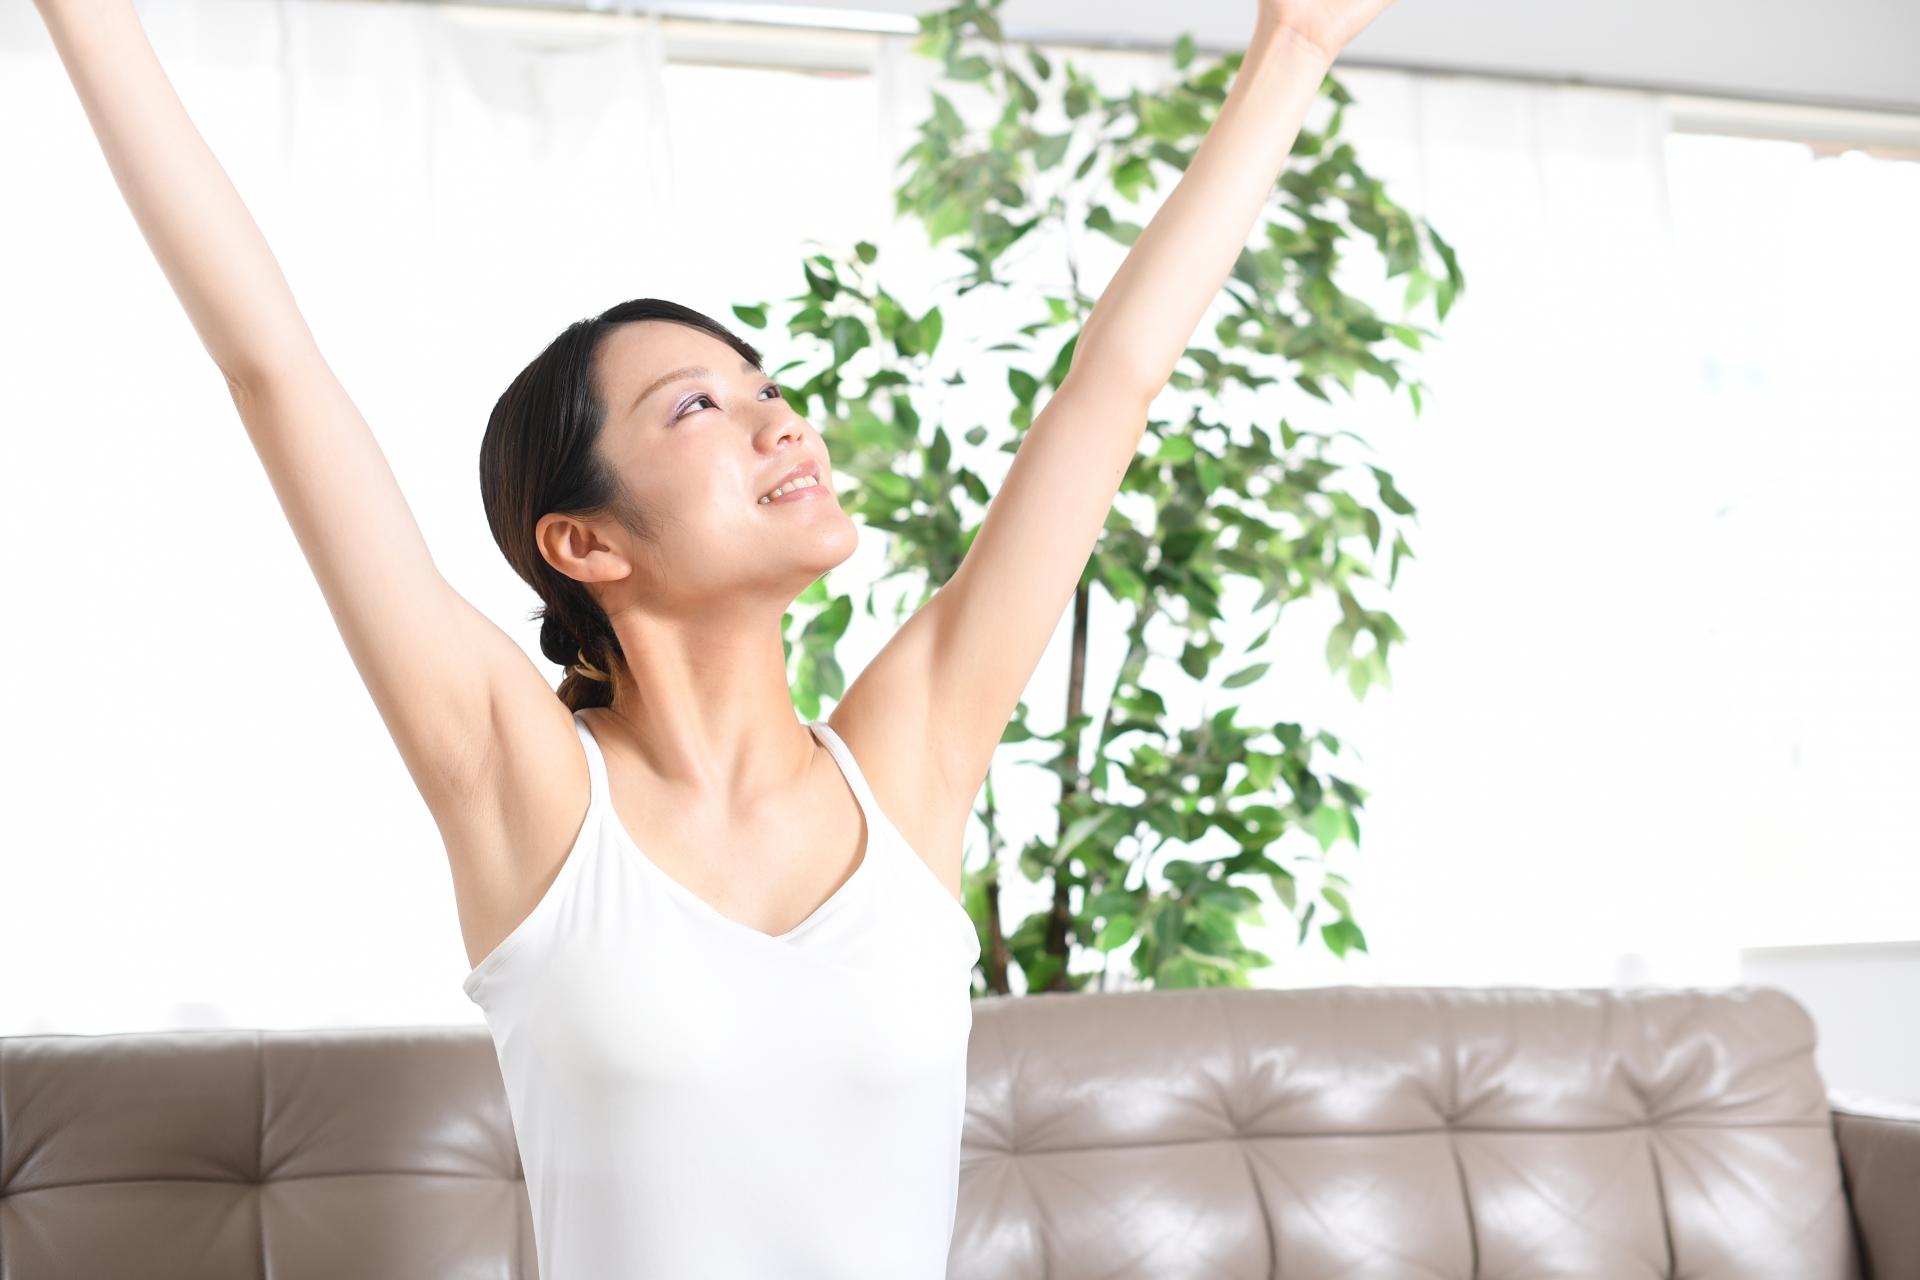 ボンボンクリニックの特徴 痛みが少ない医療脱毛で効果も高い